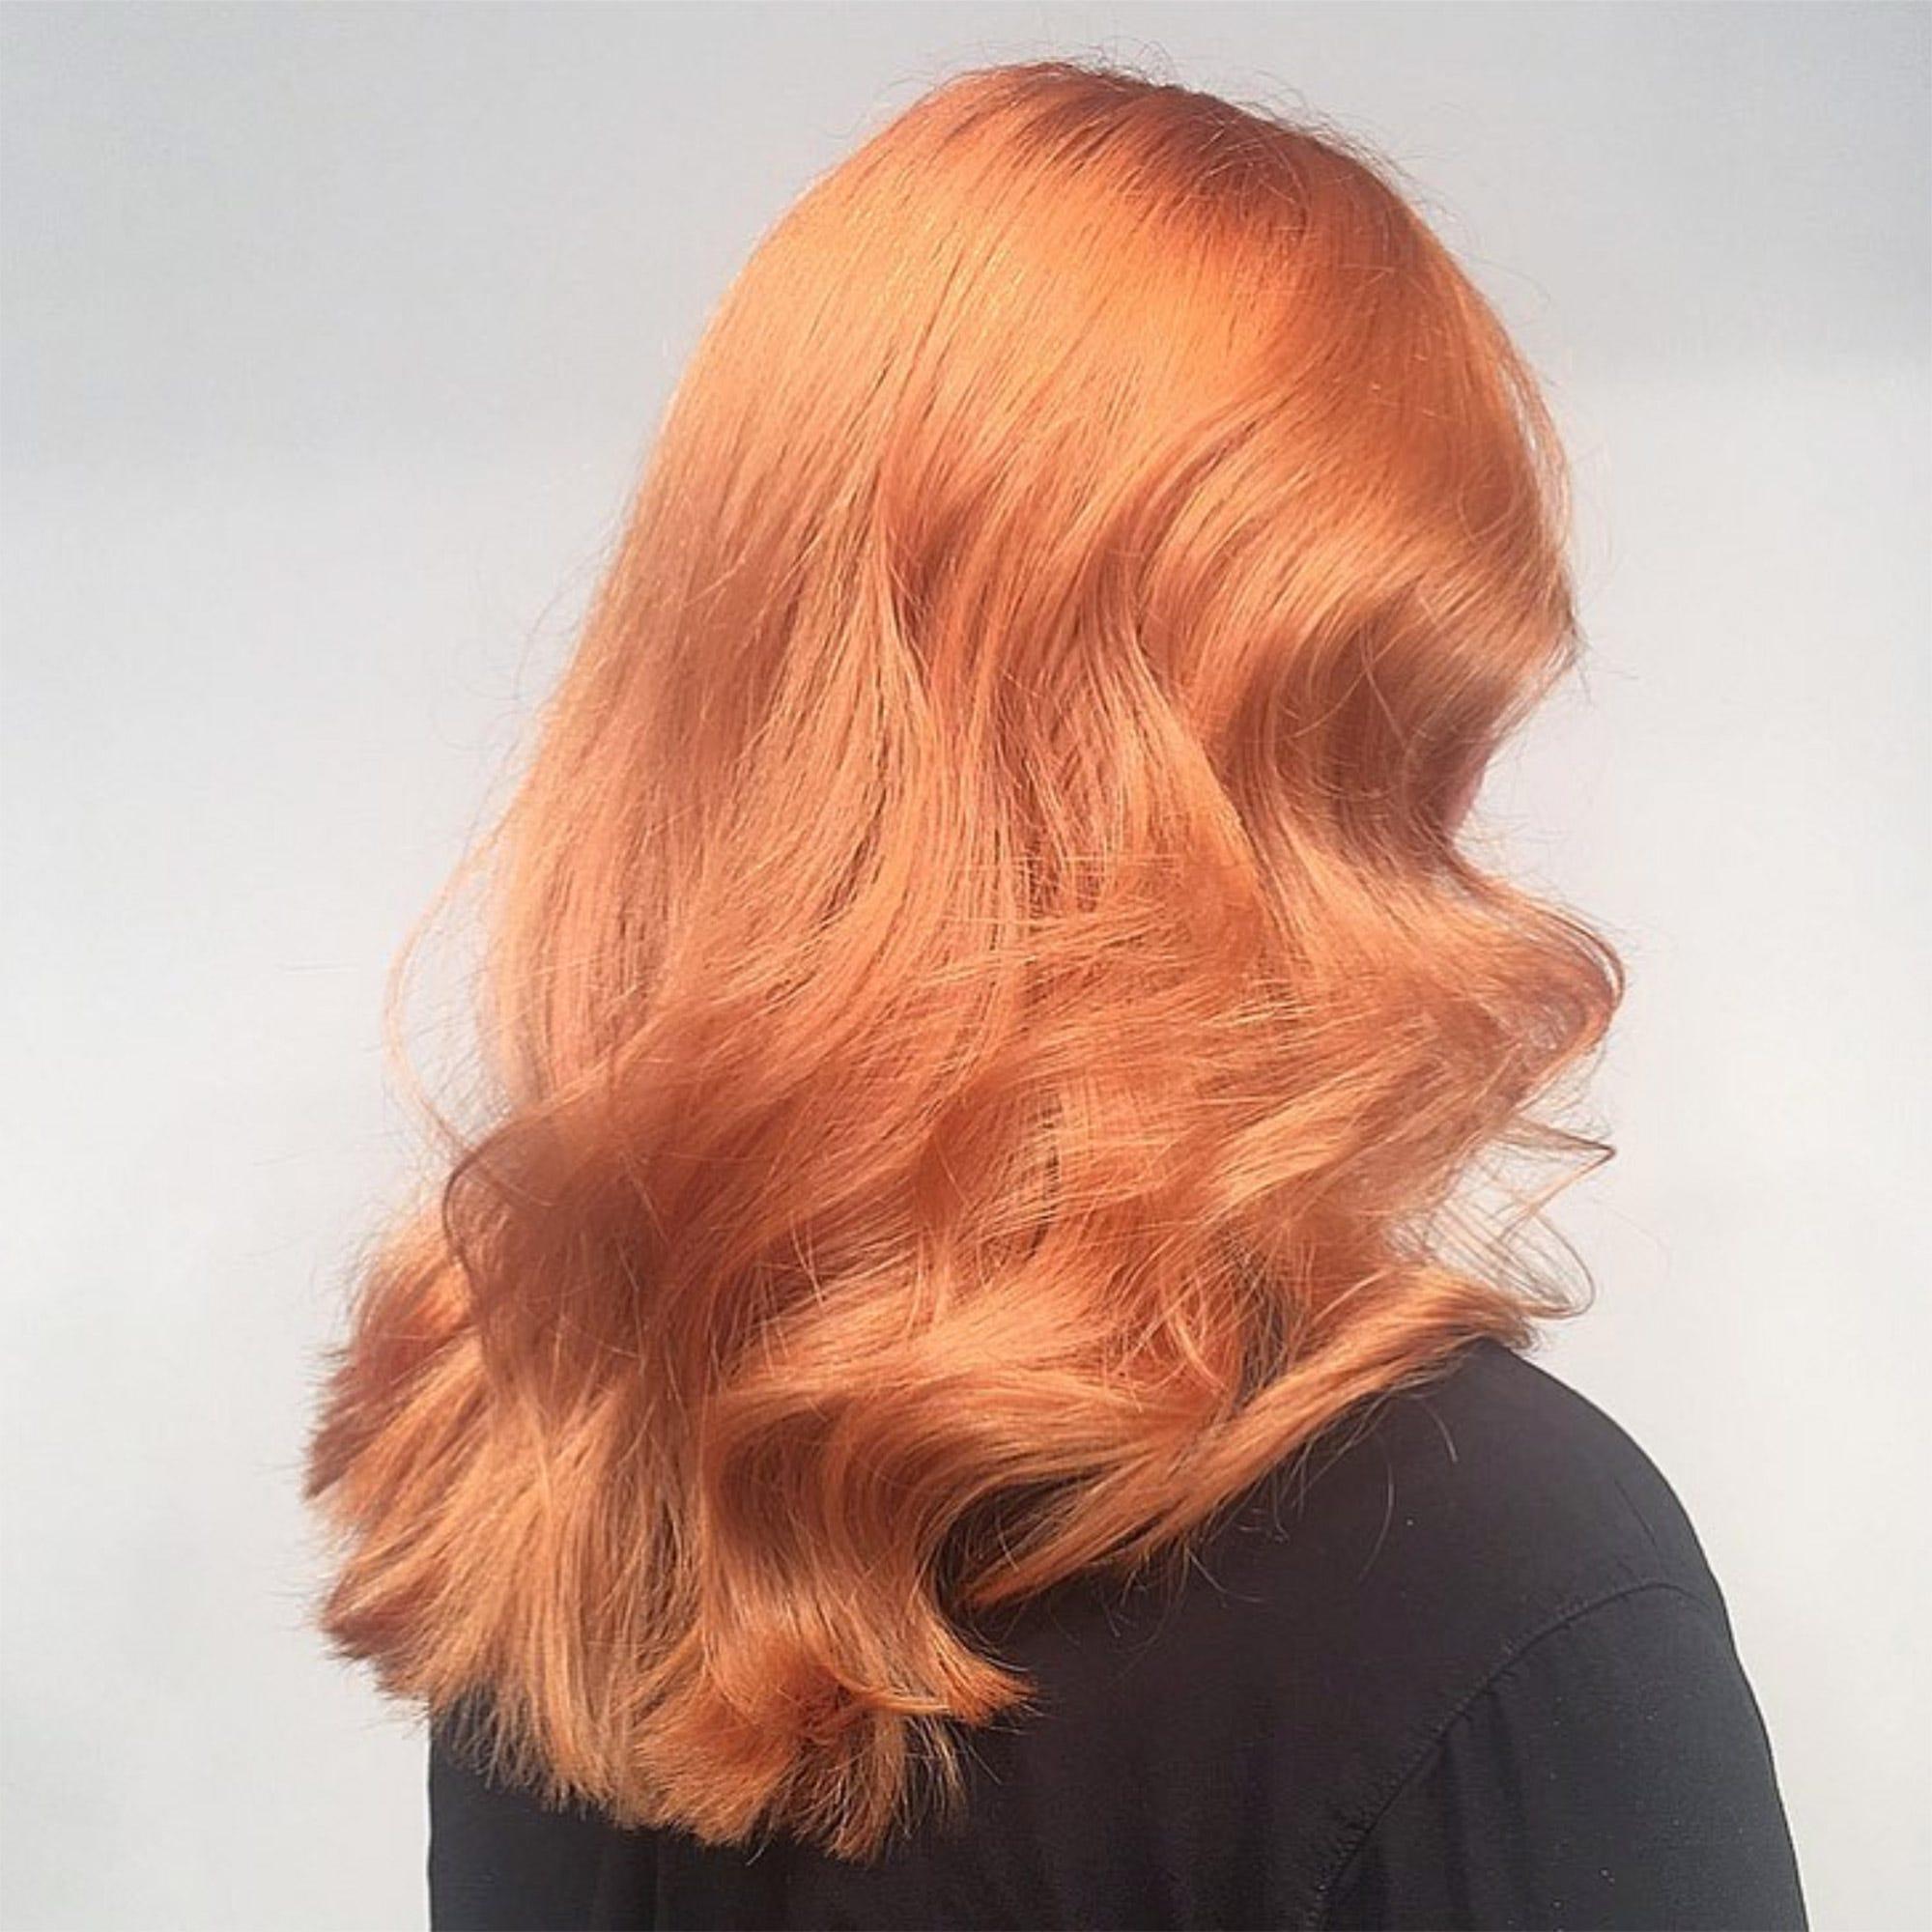 Hair Colour Trends 2019 Permanent Hair Dye